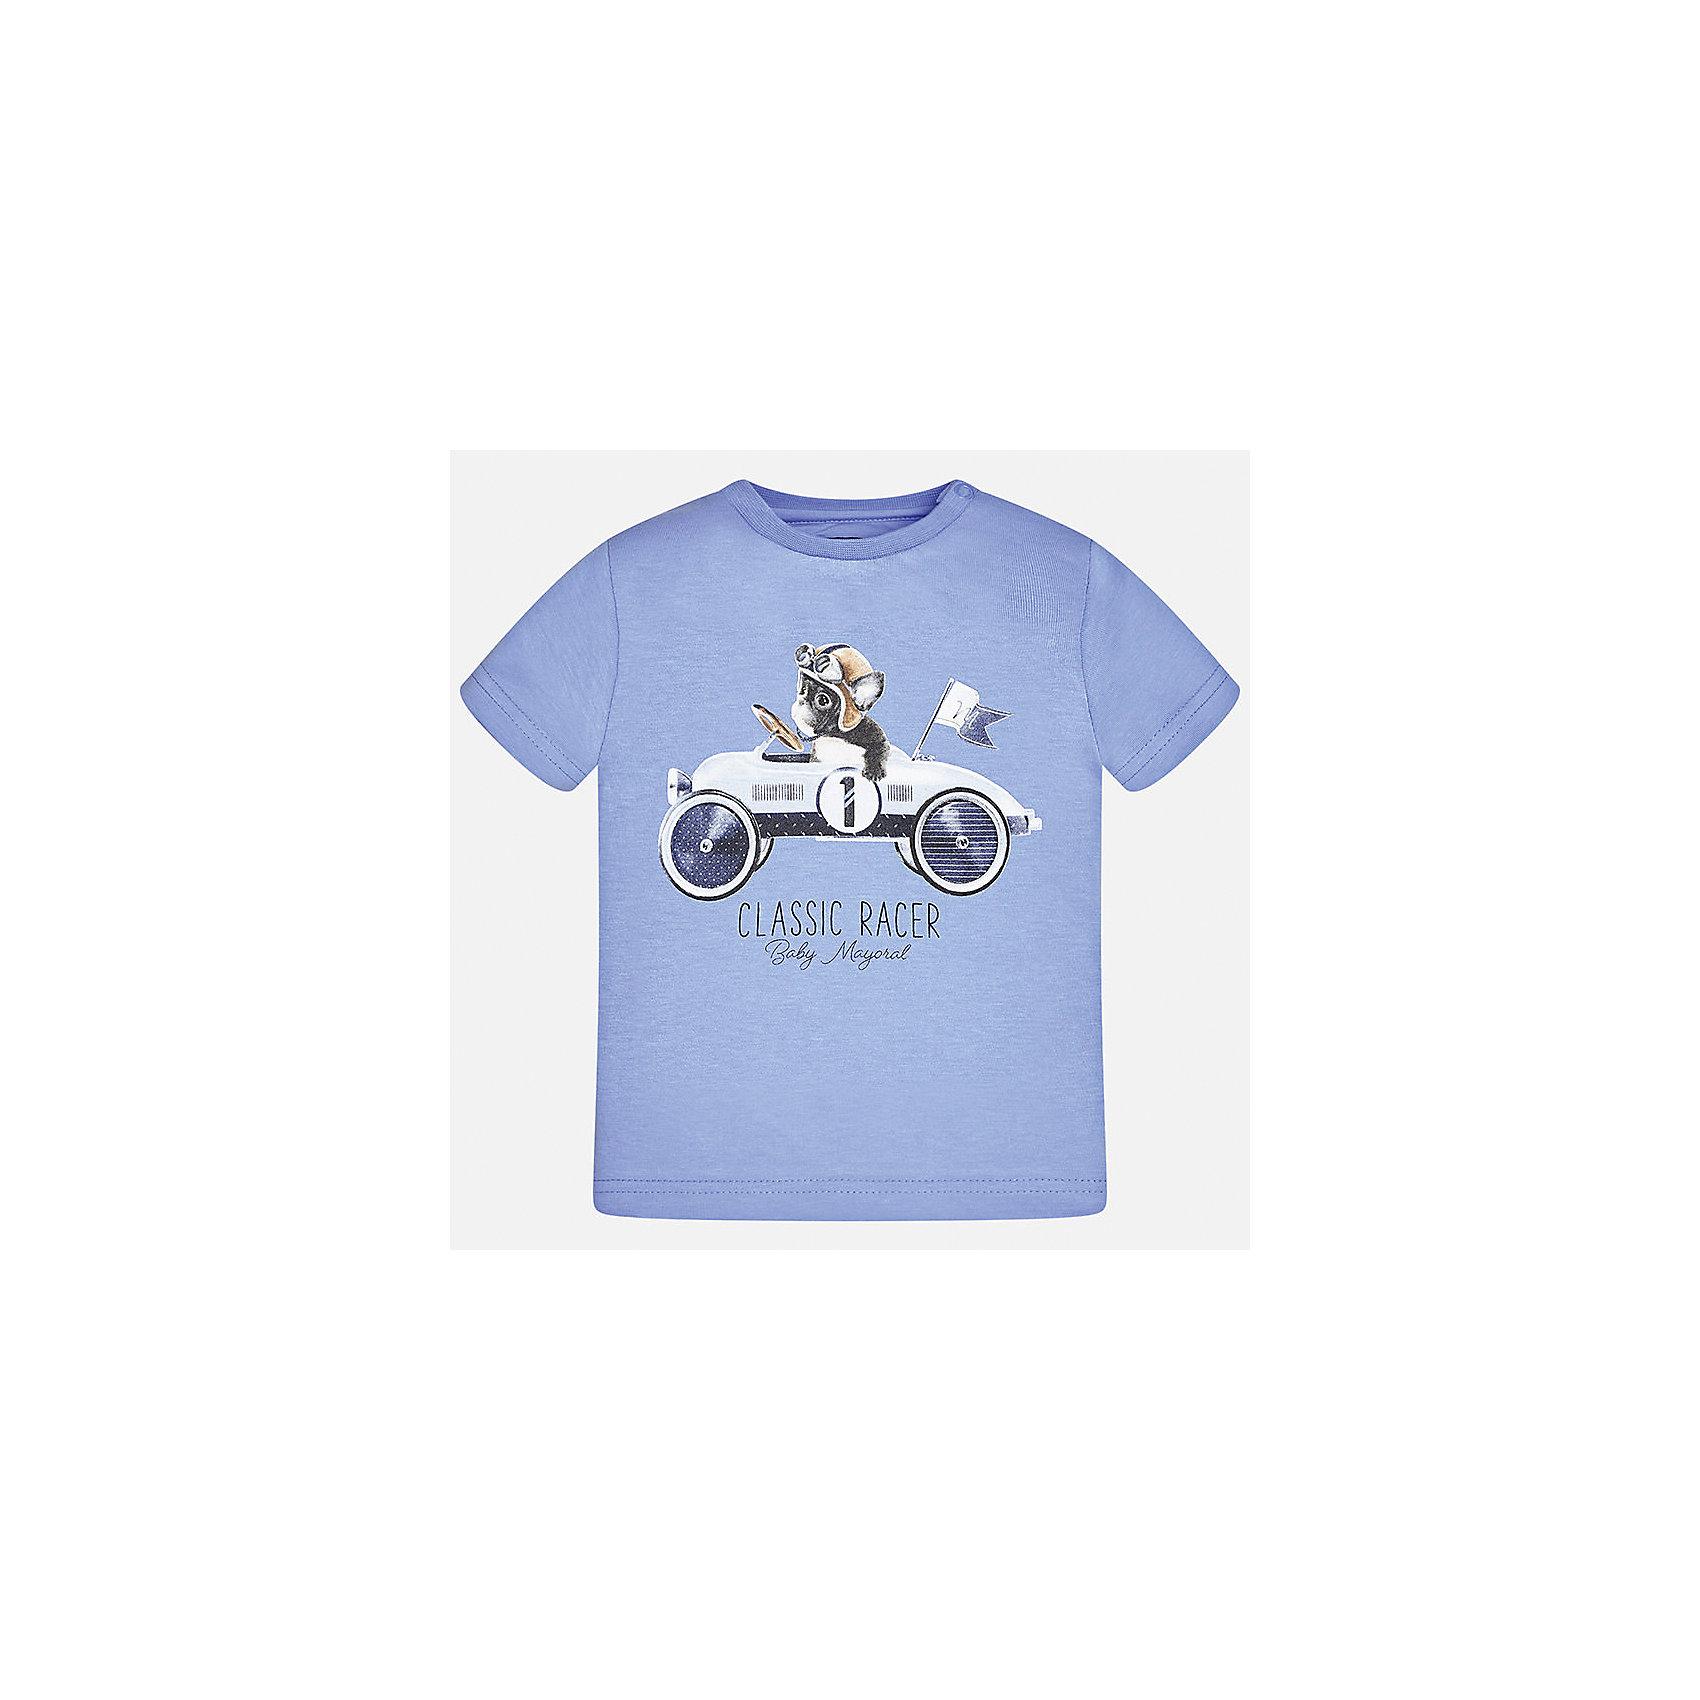 Футболка для мальчика MayoralФутболки, топы<br>Характеристики товара:<br><br>• цвет: голубой<br>• состав: 100% хлопок<br>• круглый горловой вырез<br>• декорирована принтом<br>• короткие рукава<br>• мягкая отделка горловины<br>• страна бренда: Испания<br><br>Стильная удобная футболка с принтом поможет разнообразить гардероб мальчика. Она отлично сочетается с брюками, шортами, джинсами. Практичное и стильное изделие! Хорошо смотрится и комфортно сидит на детях. В составе материала - натуральный хлопок, гипоаллергенный, приятный на ощупь, дышащий. <br><br>Футболку для мальчика от испанского бренда Mayoral (Майорал) можно купить в нашем интернет-магазине.<br><br>Ширина мм: 199<br>Глубина мм: 10<br>Высота мм: 161<br>Вес г: 151<br>Цвет: белый<br>Возраст от месяцев: 6<br>Возраст до месяцев: 9<br>Пол: Мужской<br>Возраст: Детский<br>Размер: 74,86,92,80<br>SKU: 5278387